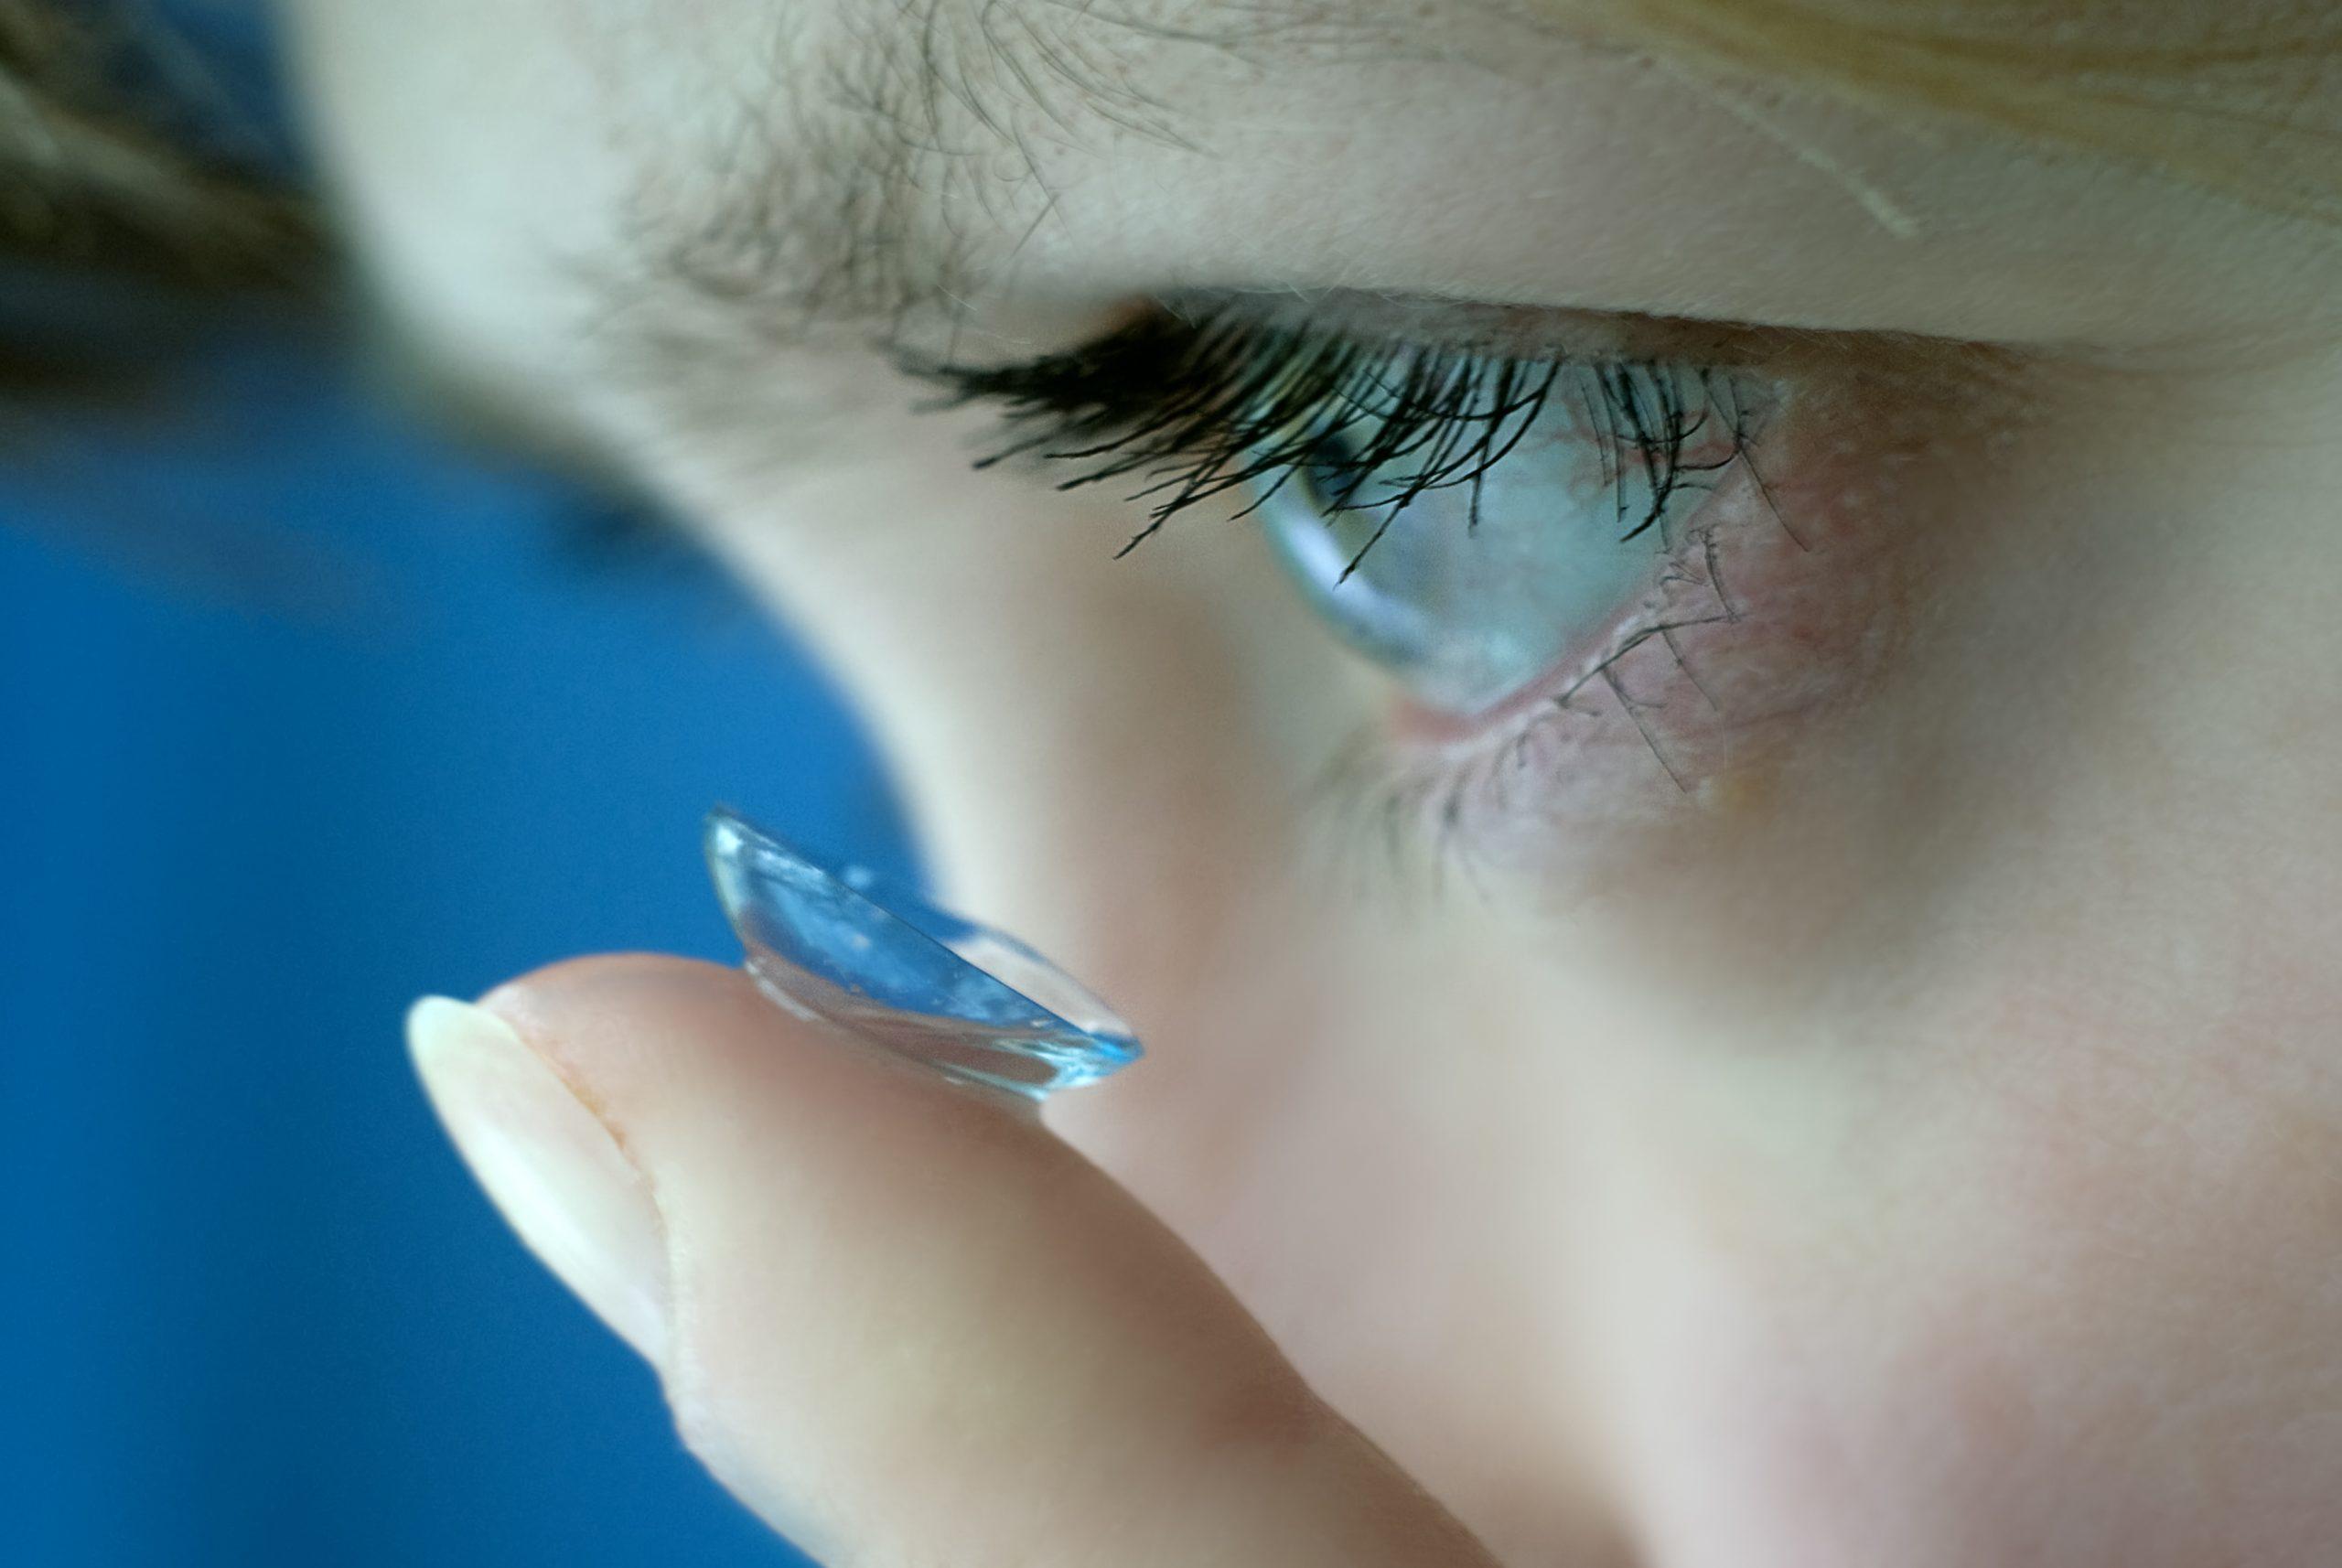 Recomendaciones uso de lentillas